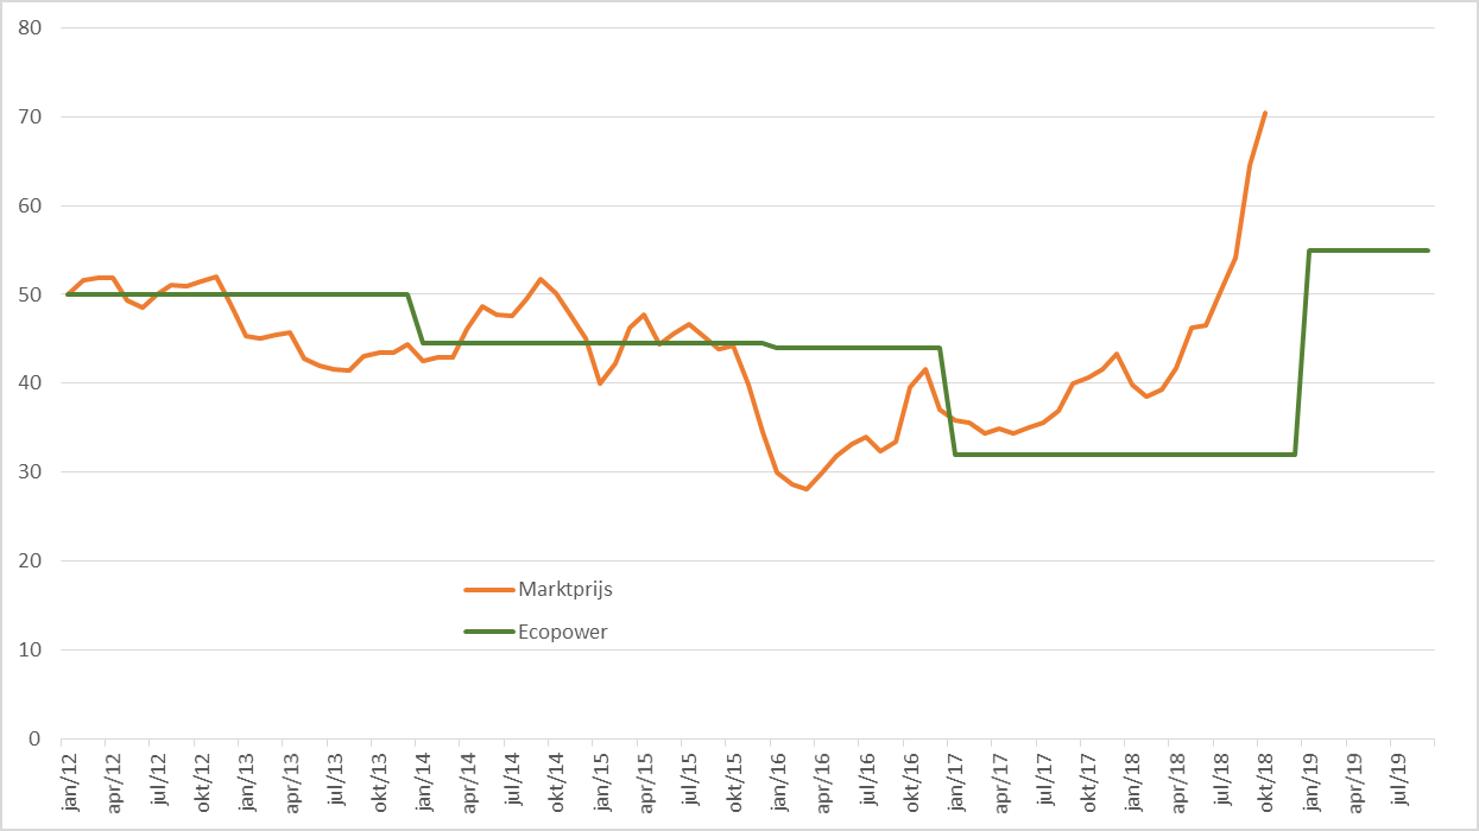 Fig. 2: Overzicht van de marktprijs van 2014 tot 2019, maandelijks gebaseerd op de gepubliceerde jaarprijs voor het komende jaar (oranje lijn) tegenover de Ecopower-prijs (groene lijn).